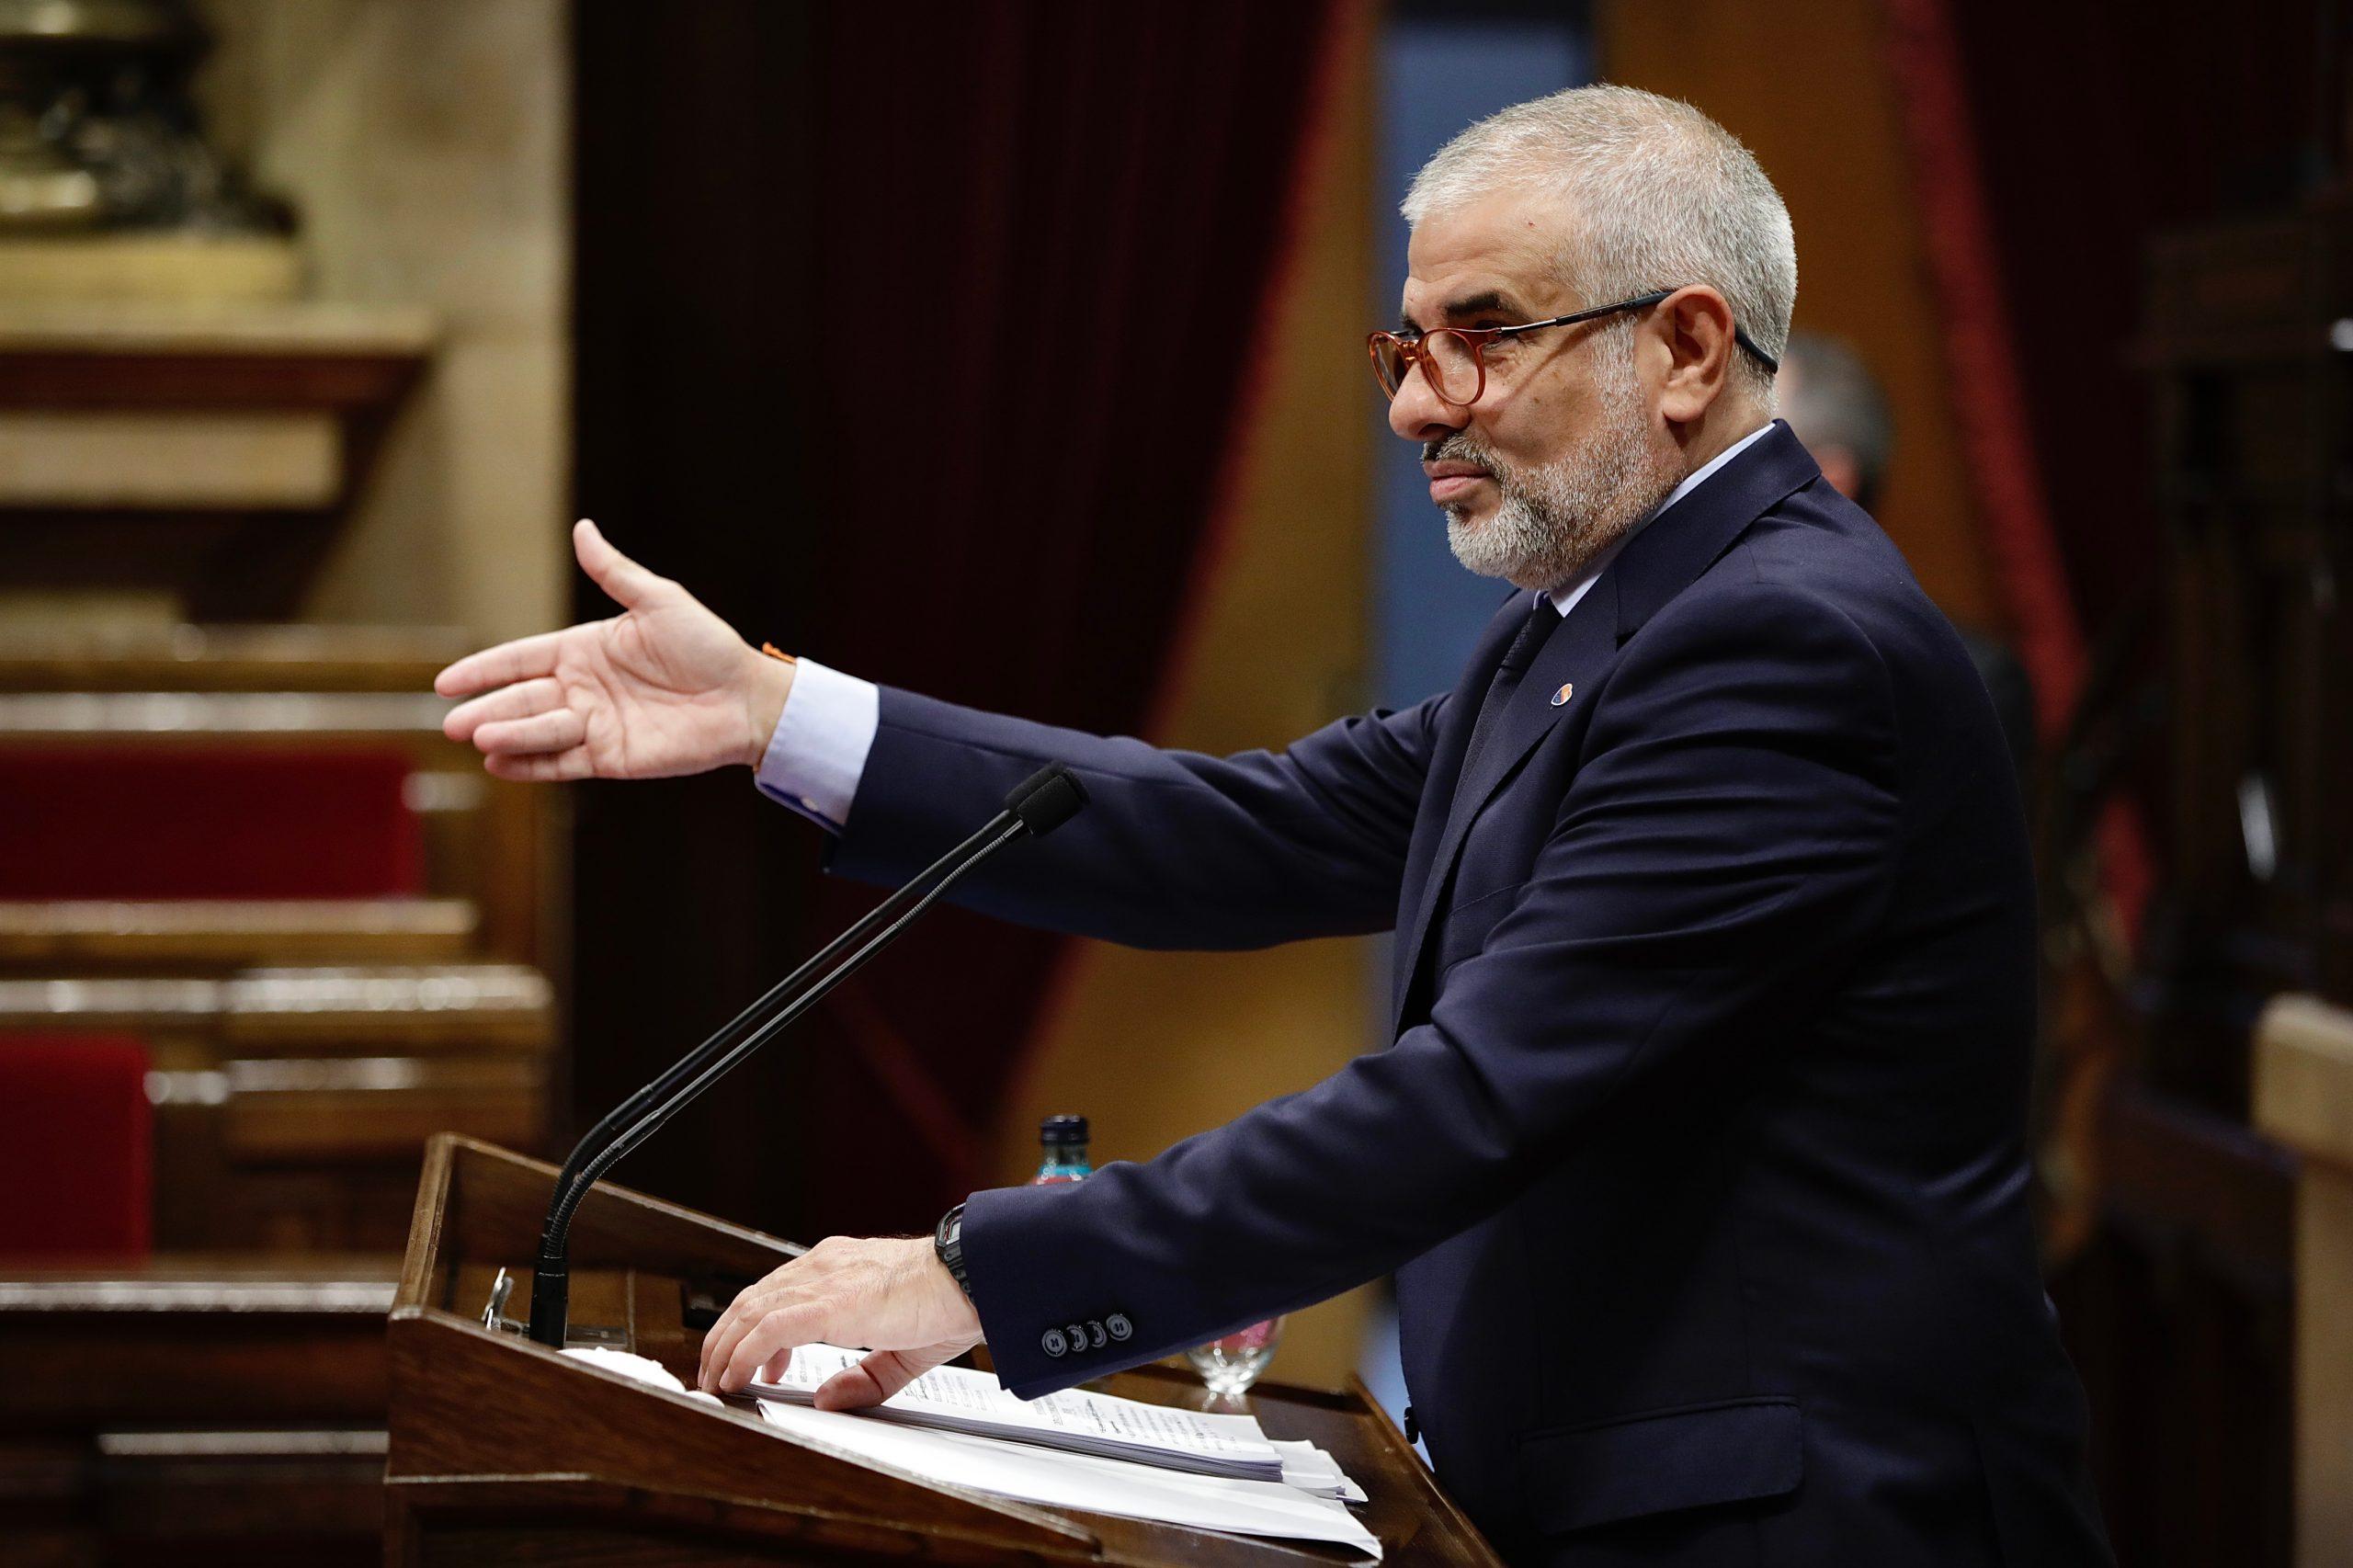 El president del grup parlamentari de Ciutadans, Carlos Carrizosa, en el ple d'investidura del Parlament / ACN